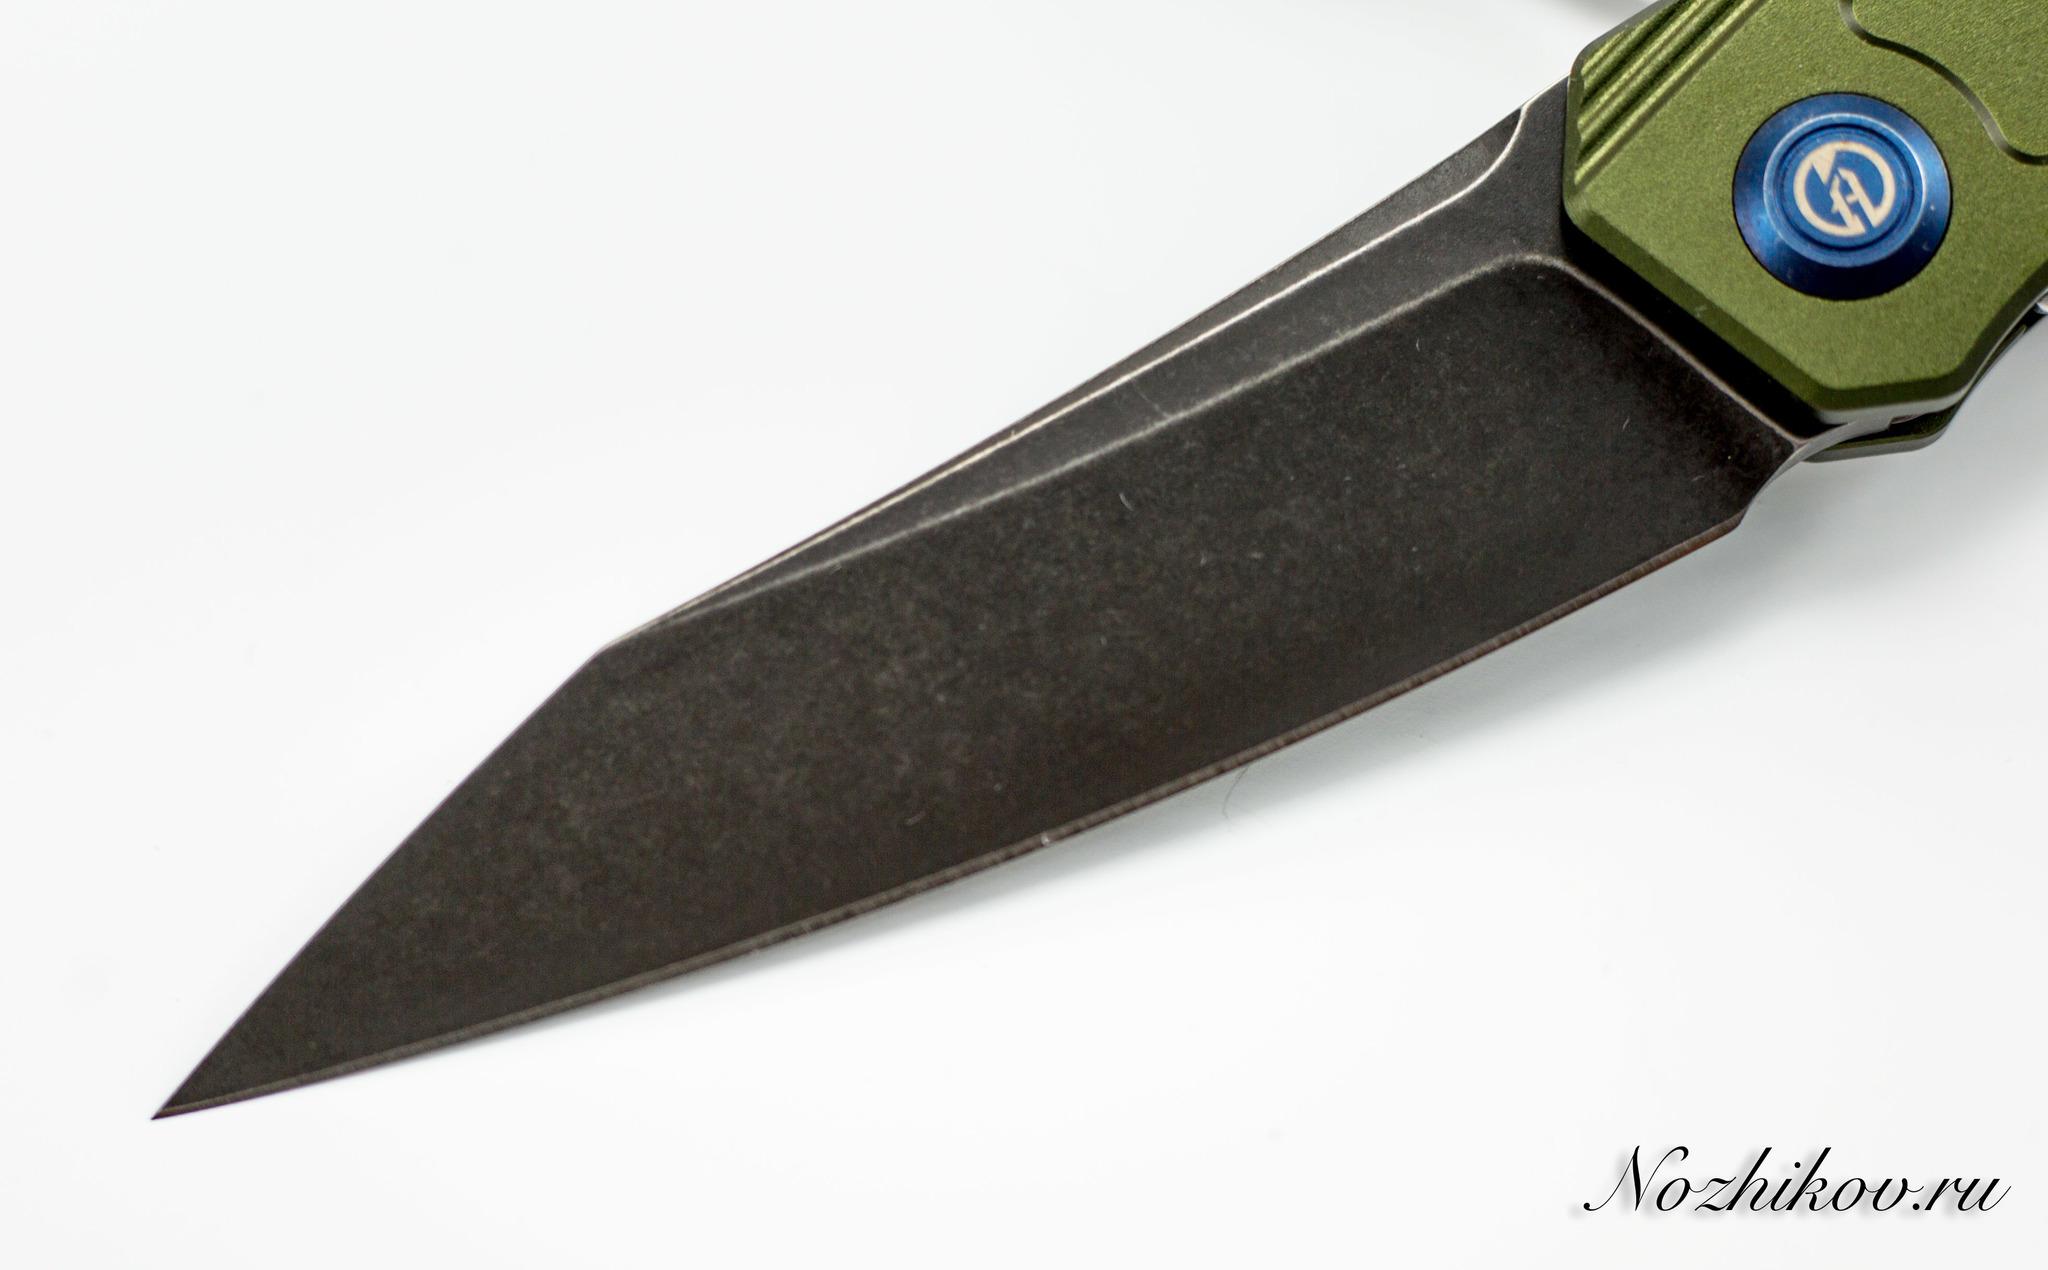 Складной нож Maxace Ptilopsis Green, сталь M390